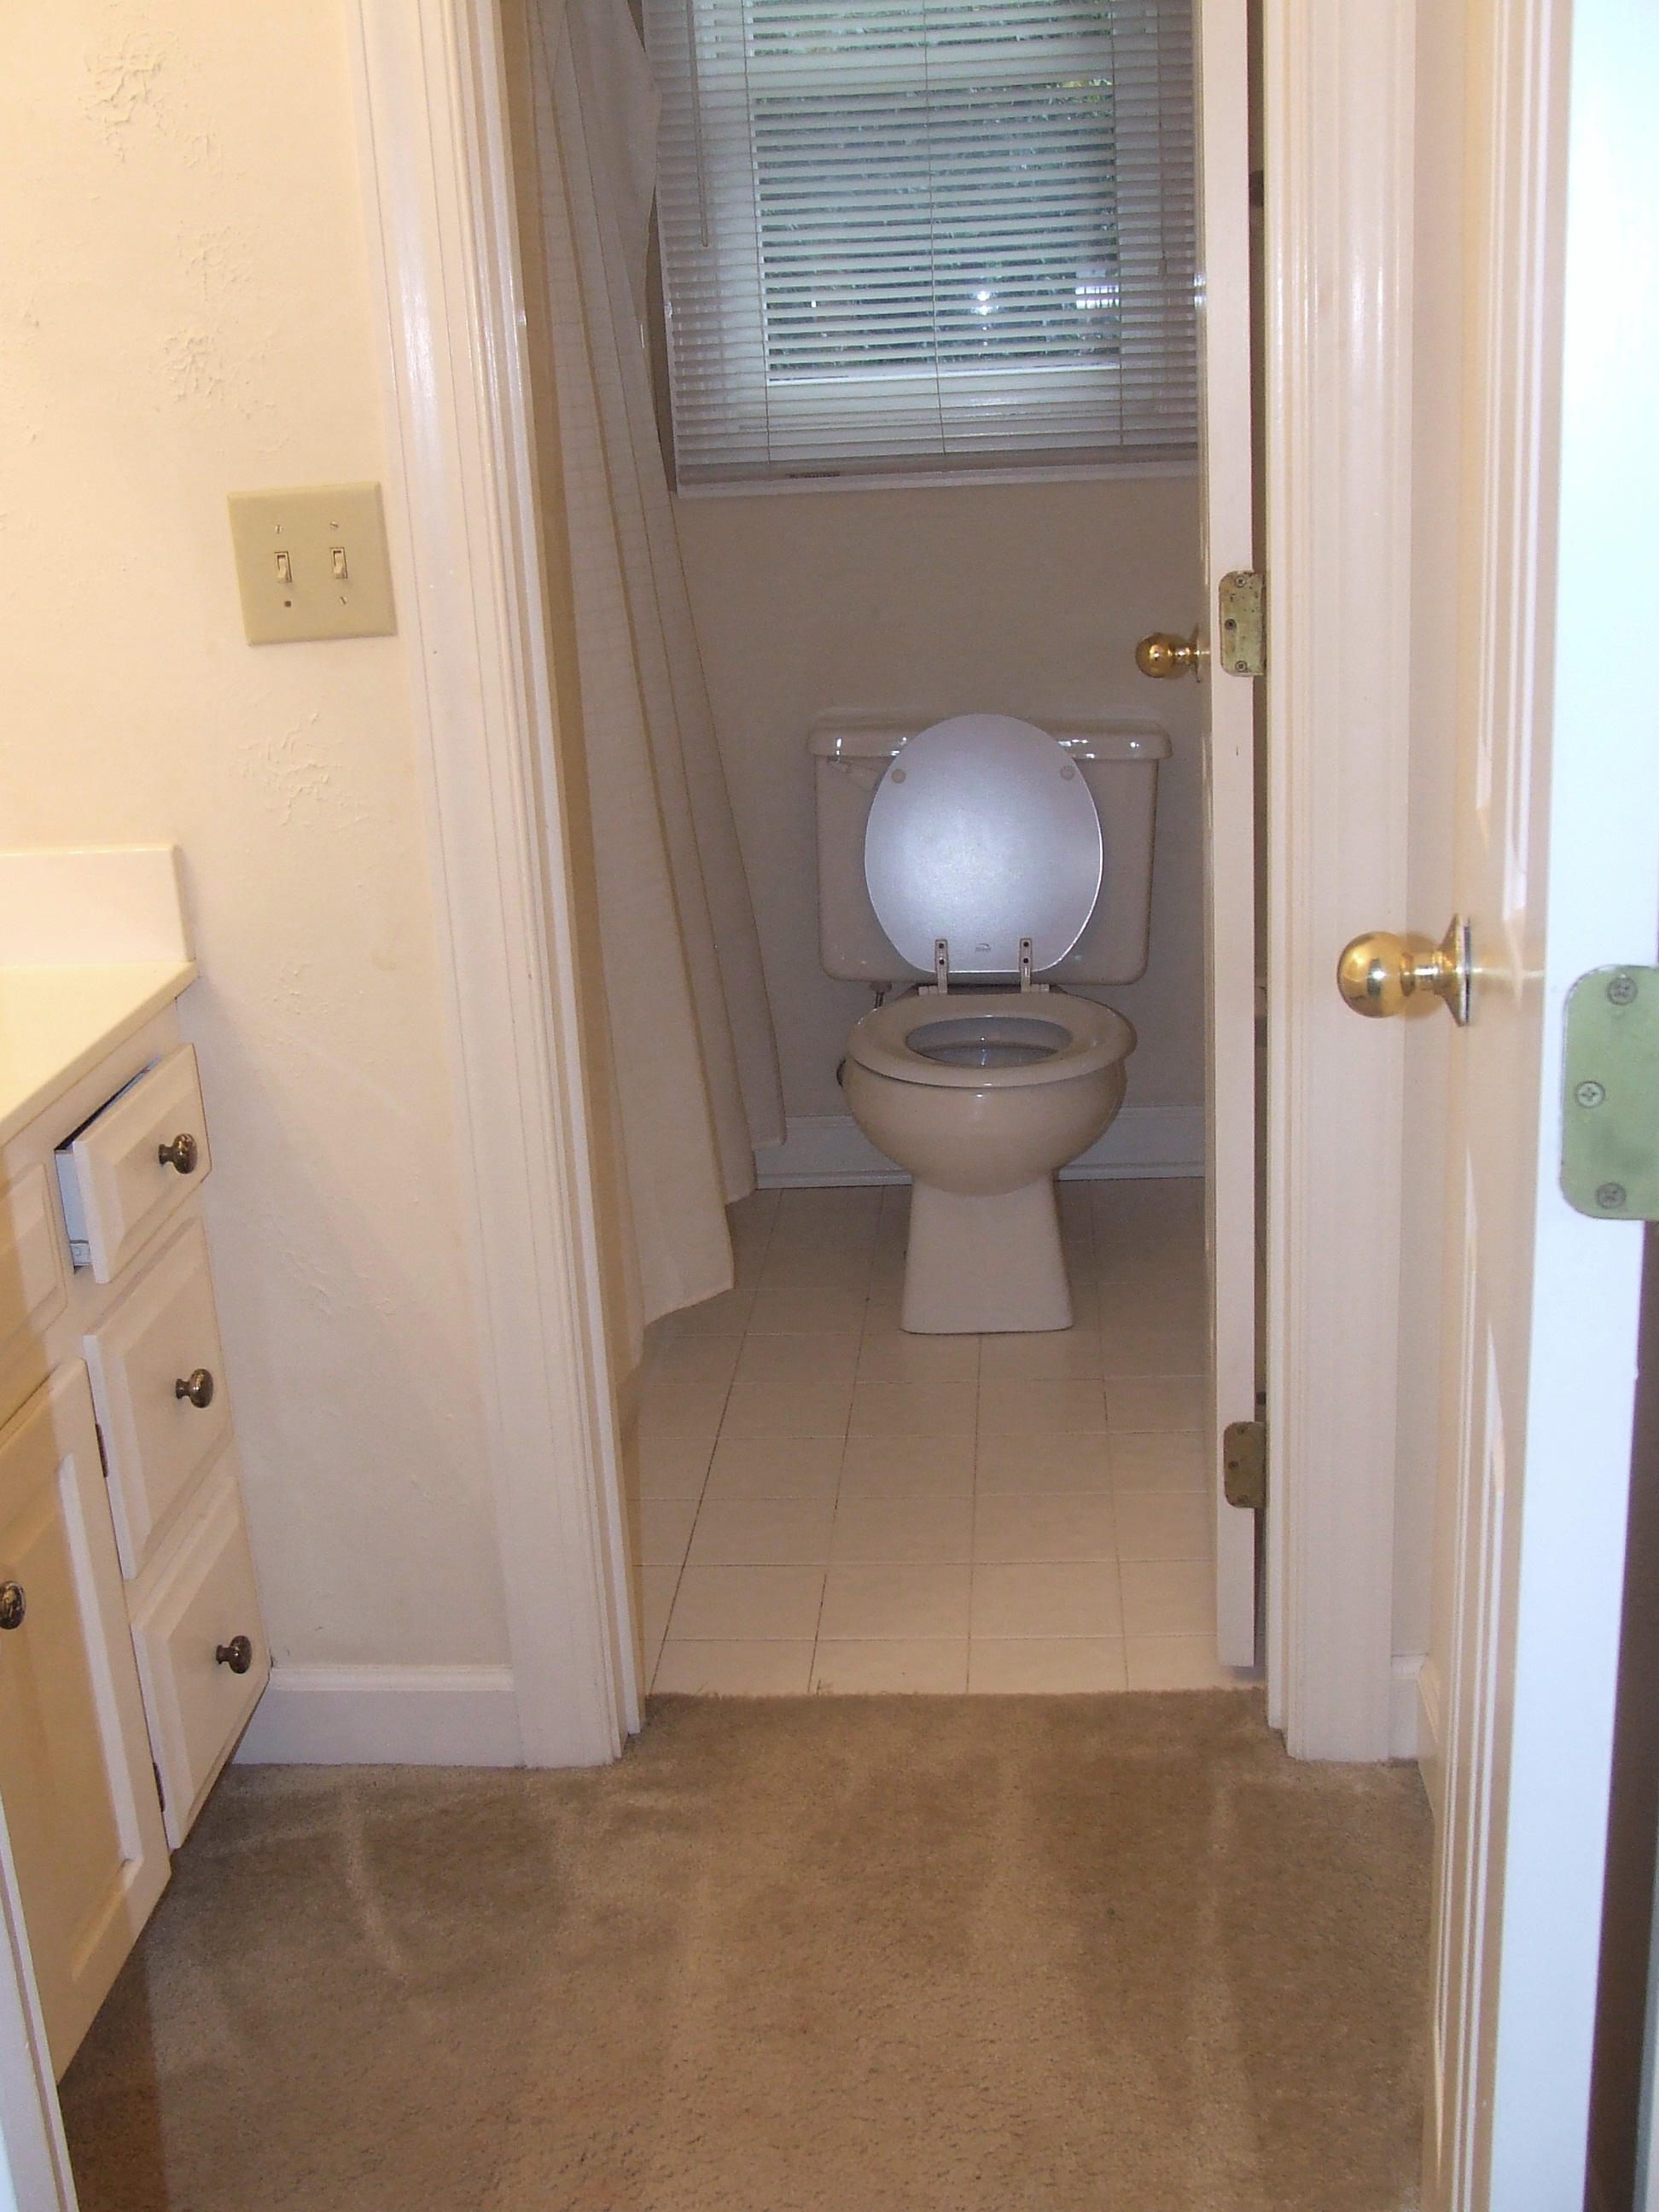 Hall bath room